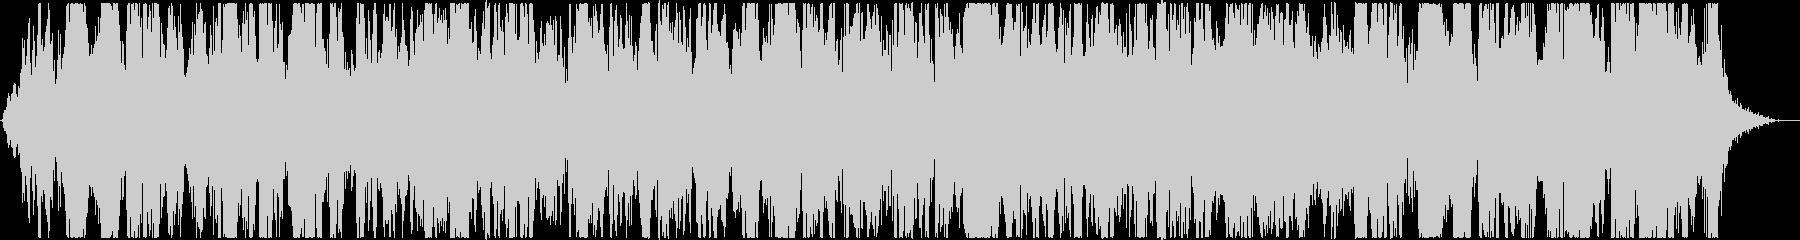 イメージ 地下鉄ハイ03の未再生の波形